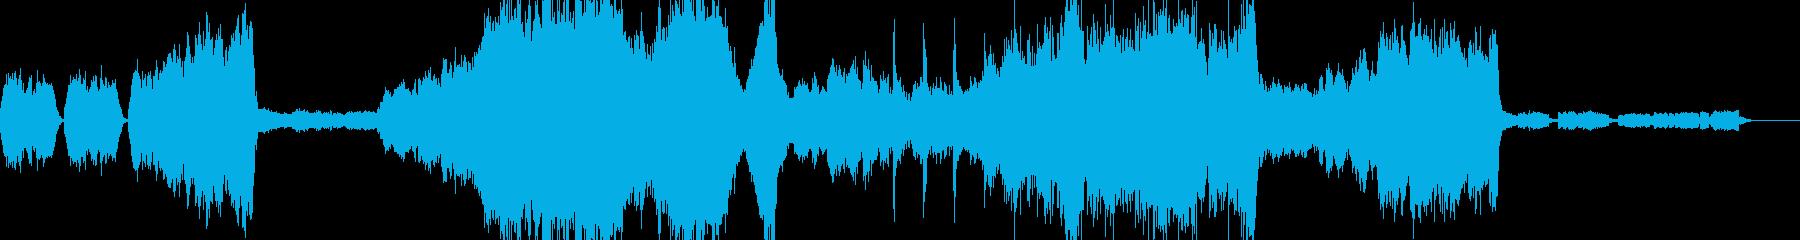 映画音楽 様々な場面で使えるオーケストラの再生済みの波形